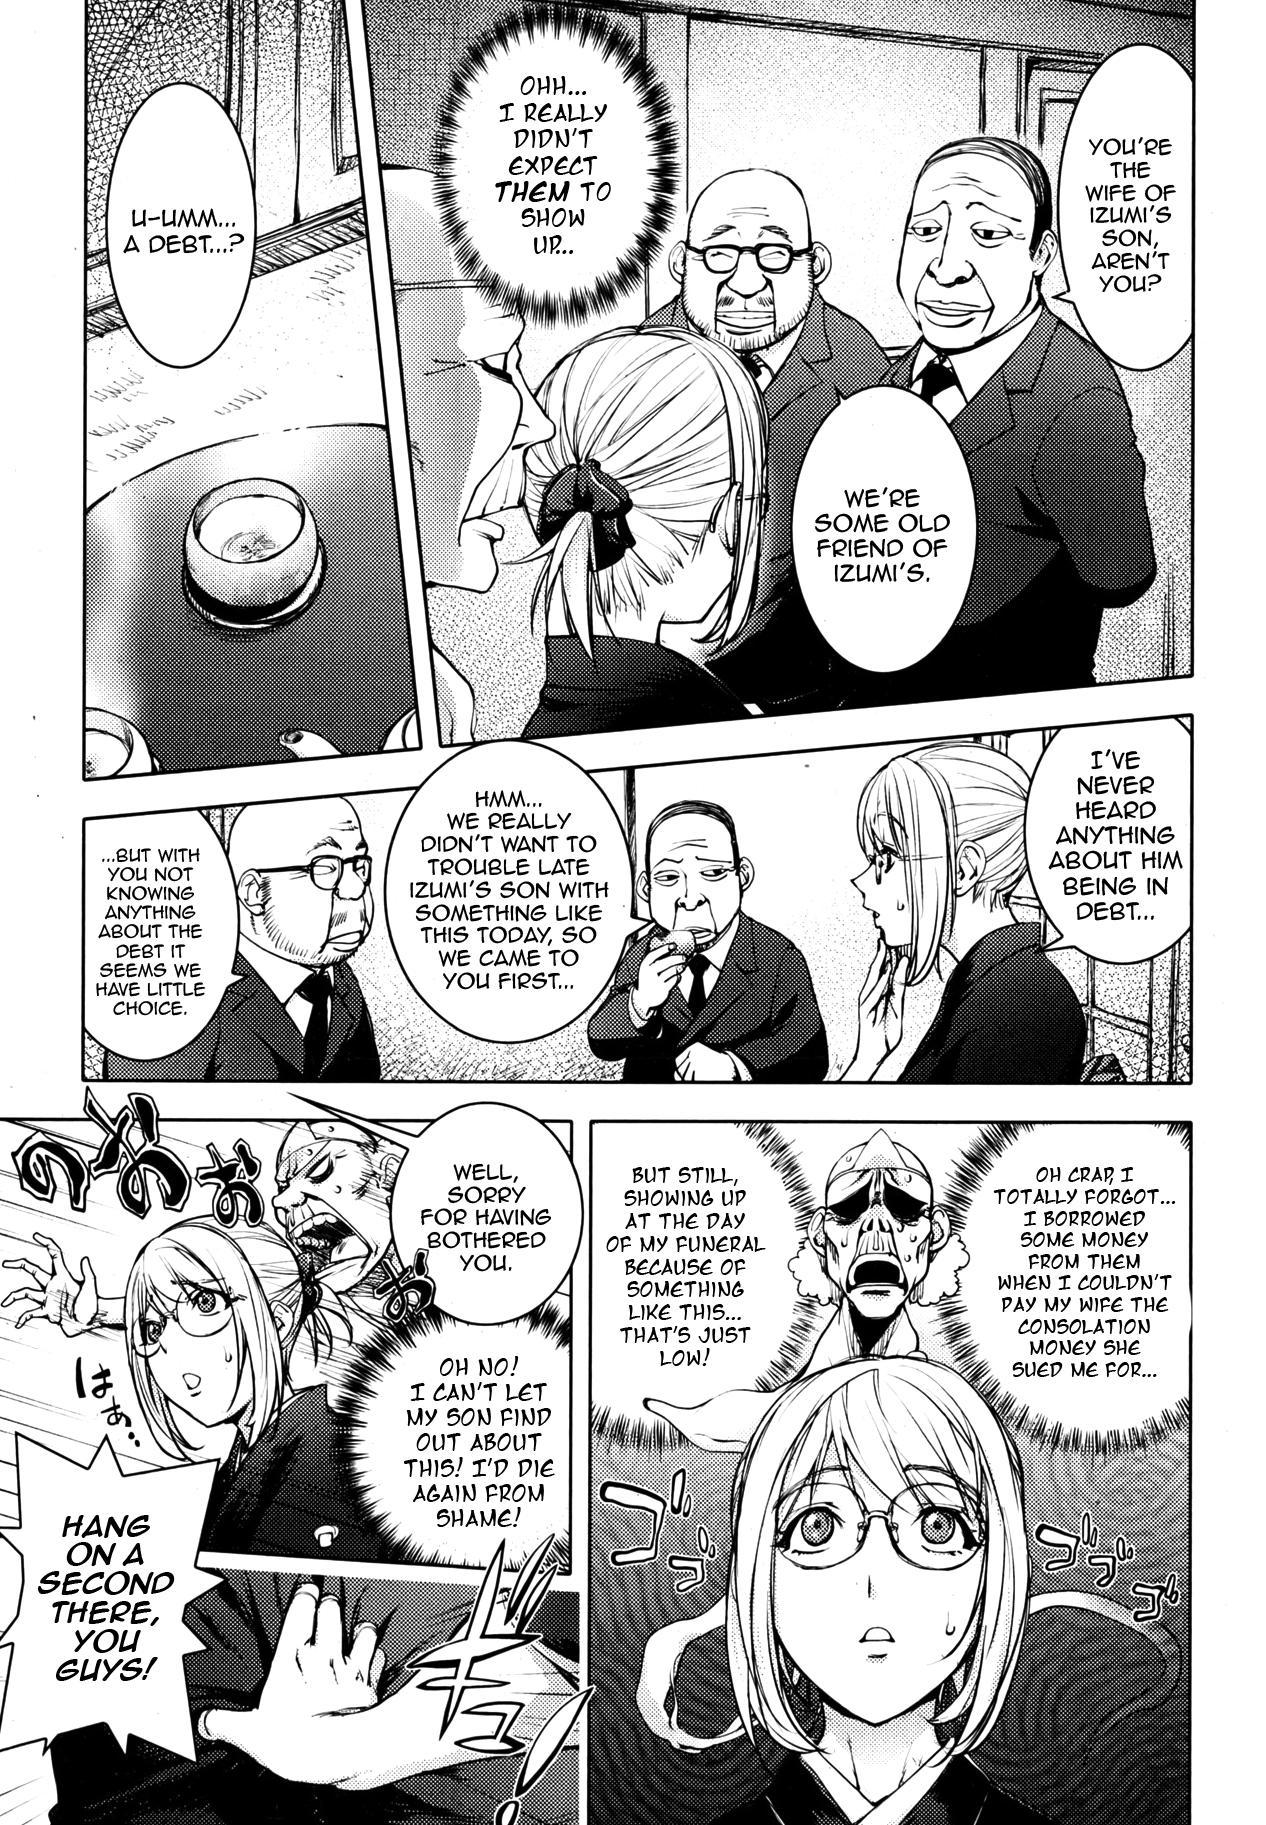 [Kon-kit] Mofuku no Kaya-nee | Kaya-Nee in her Mourning Dress (Bishoujo Kakumei KIWAME Road 2013-06 Vol. 7) [English] [QBtranslations] 6